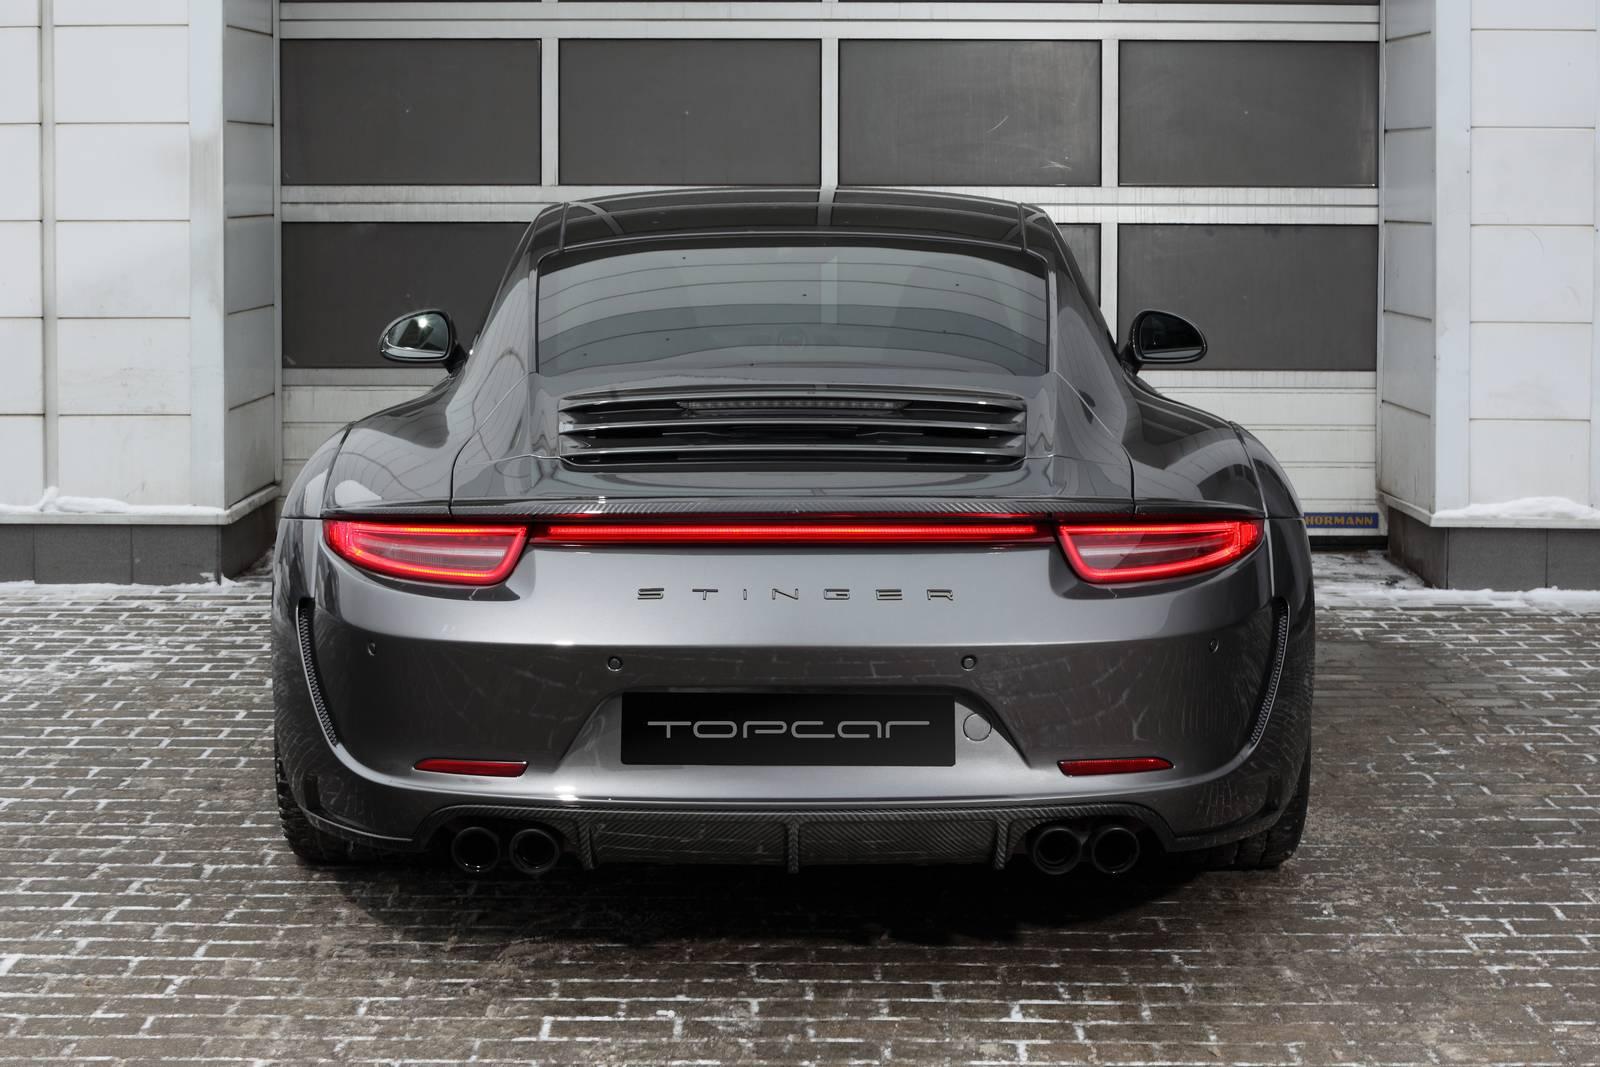 tuned Porsche Carrera